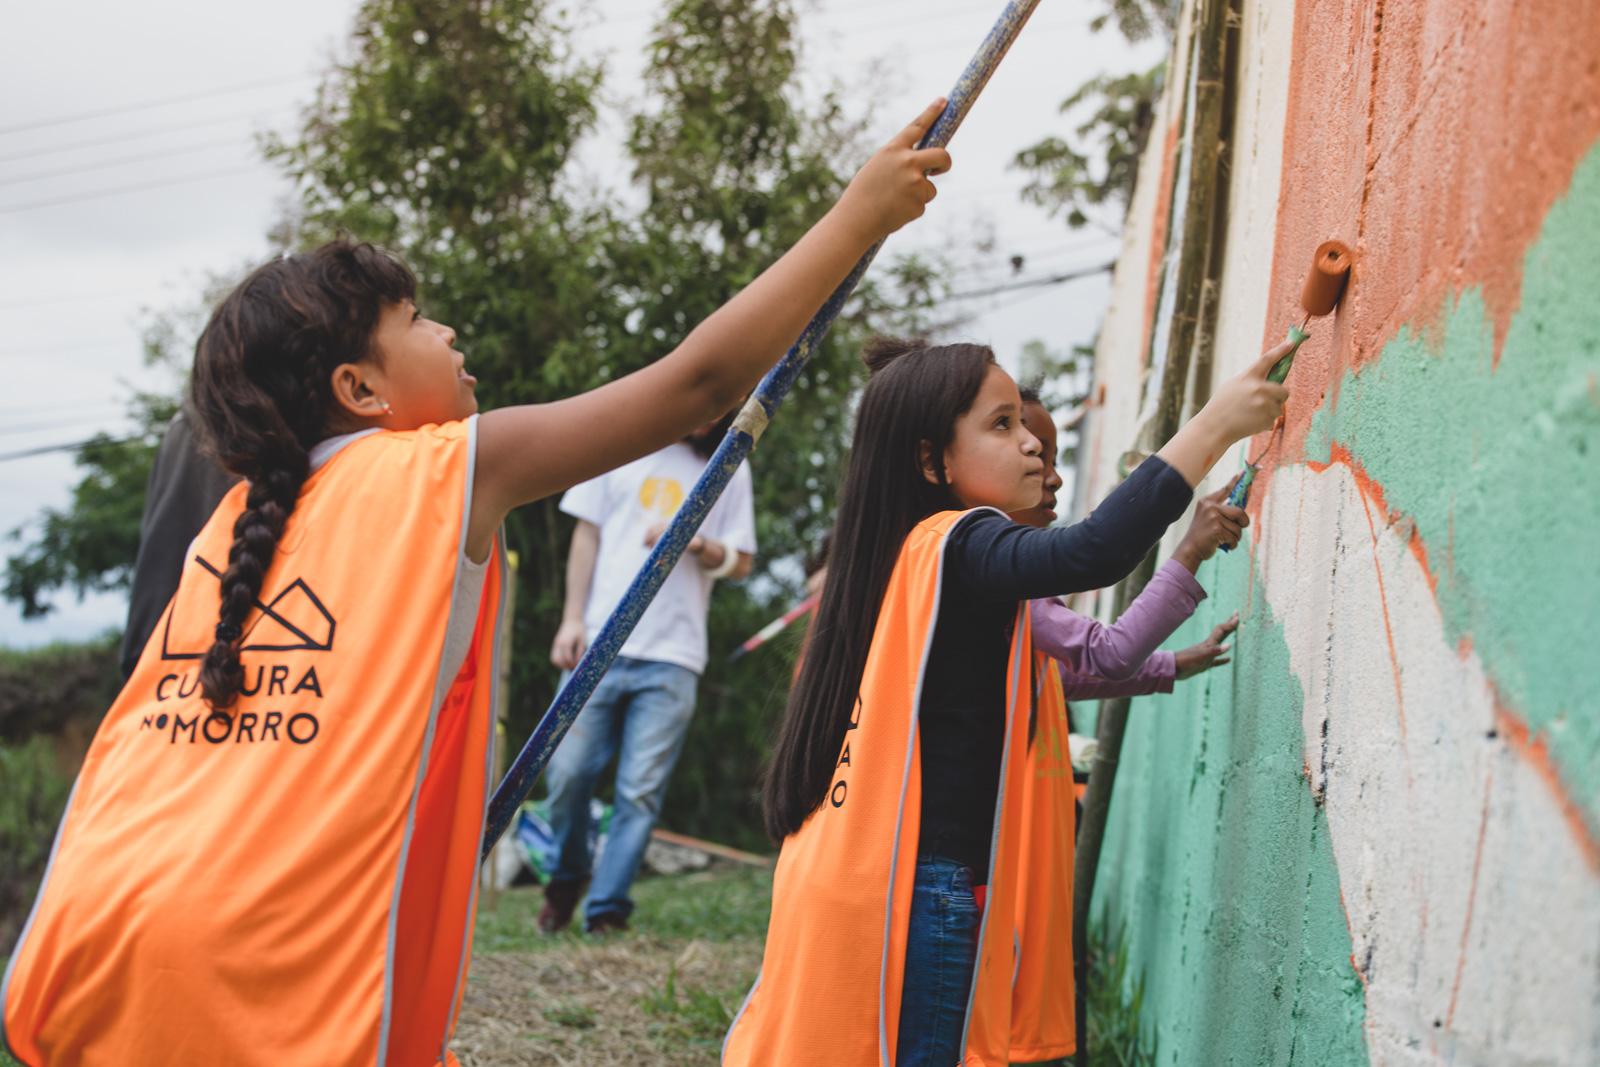 Educação E Território São Os Temas Do Mais Recente Projeto Cultural Da Cidade De Jacareí